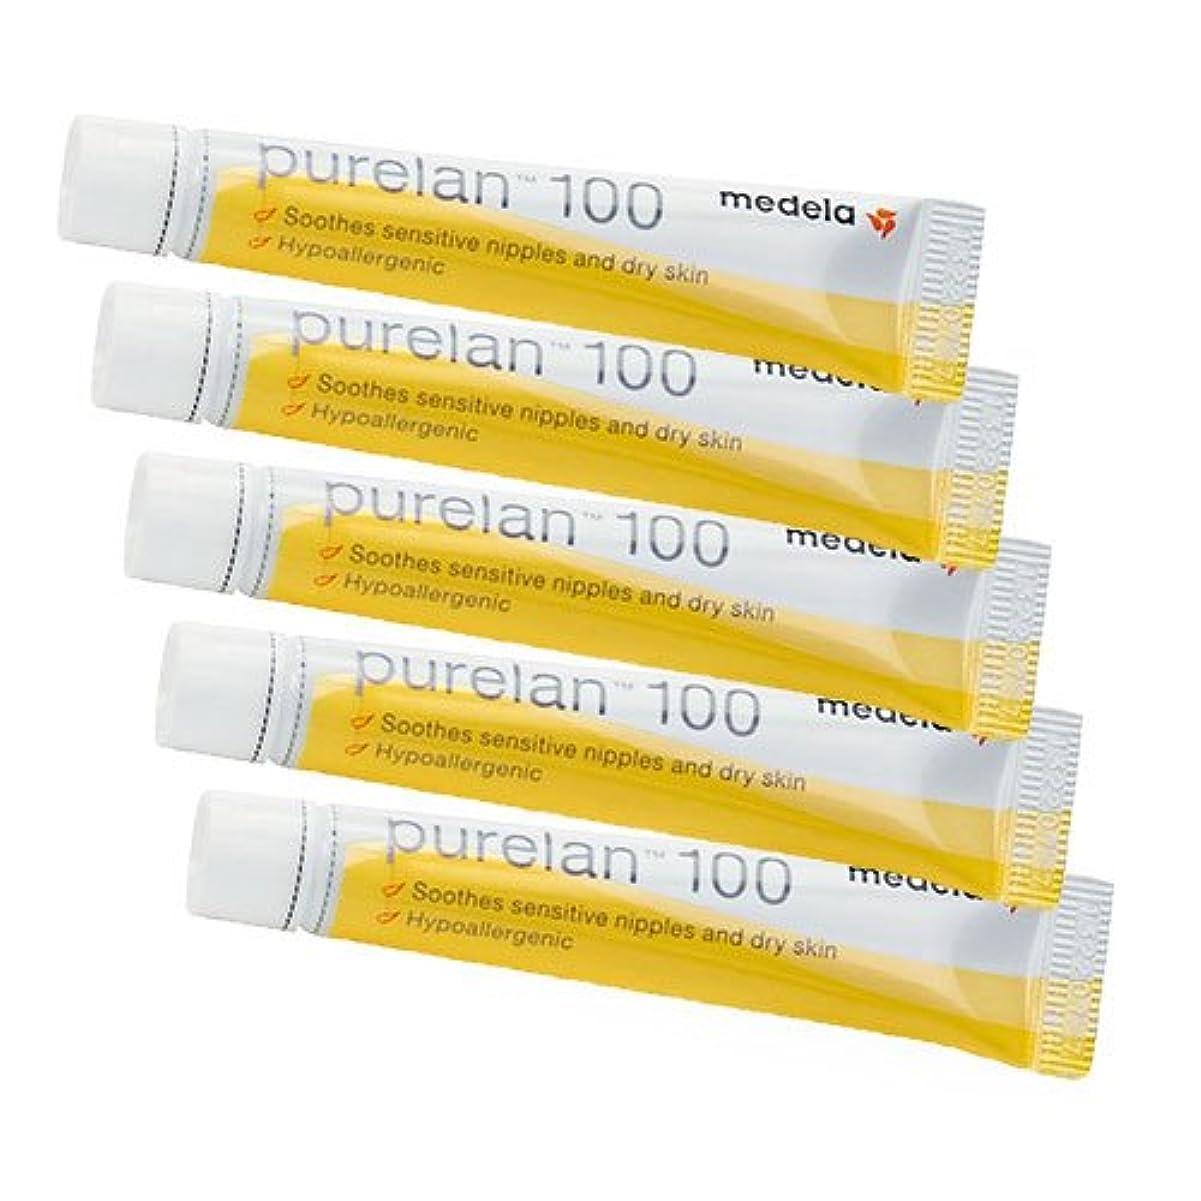 メデラ ピュアレーン100 乳頭用クリーム 7g×5本セット MEDELA [並行輸入品]